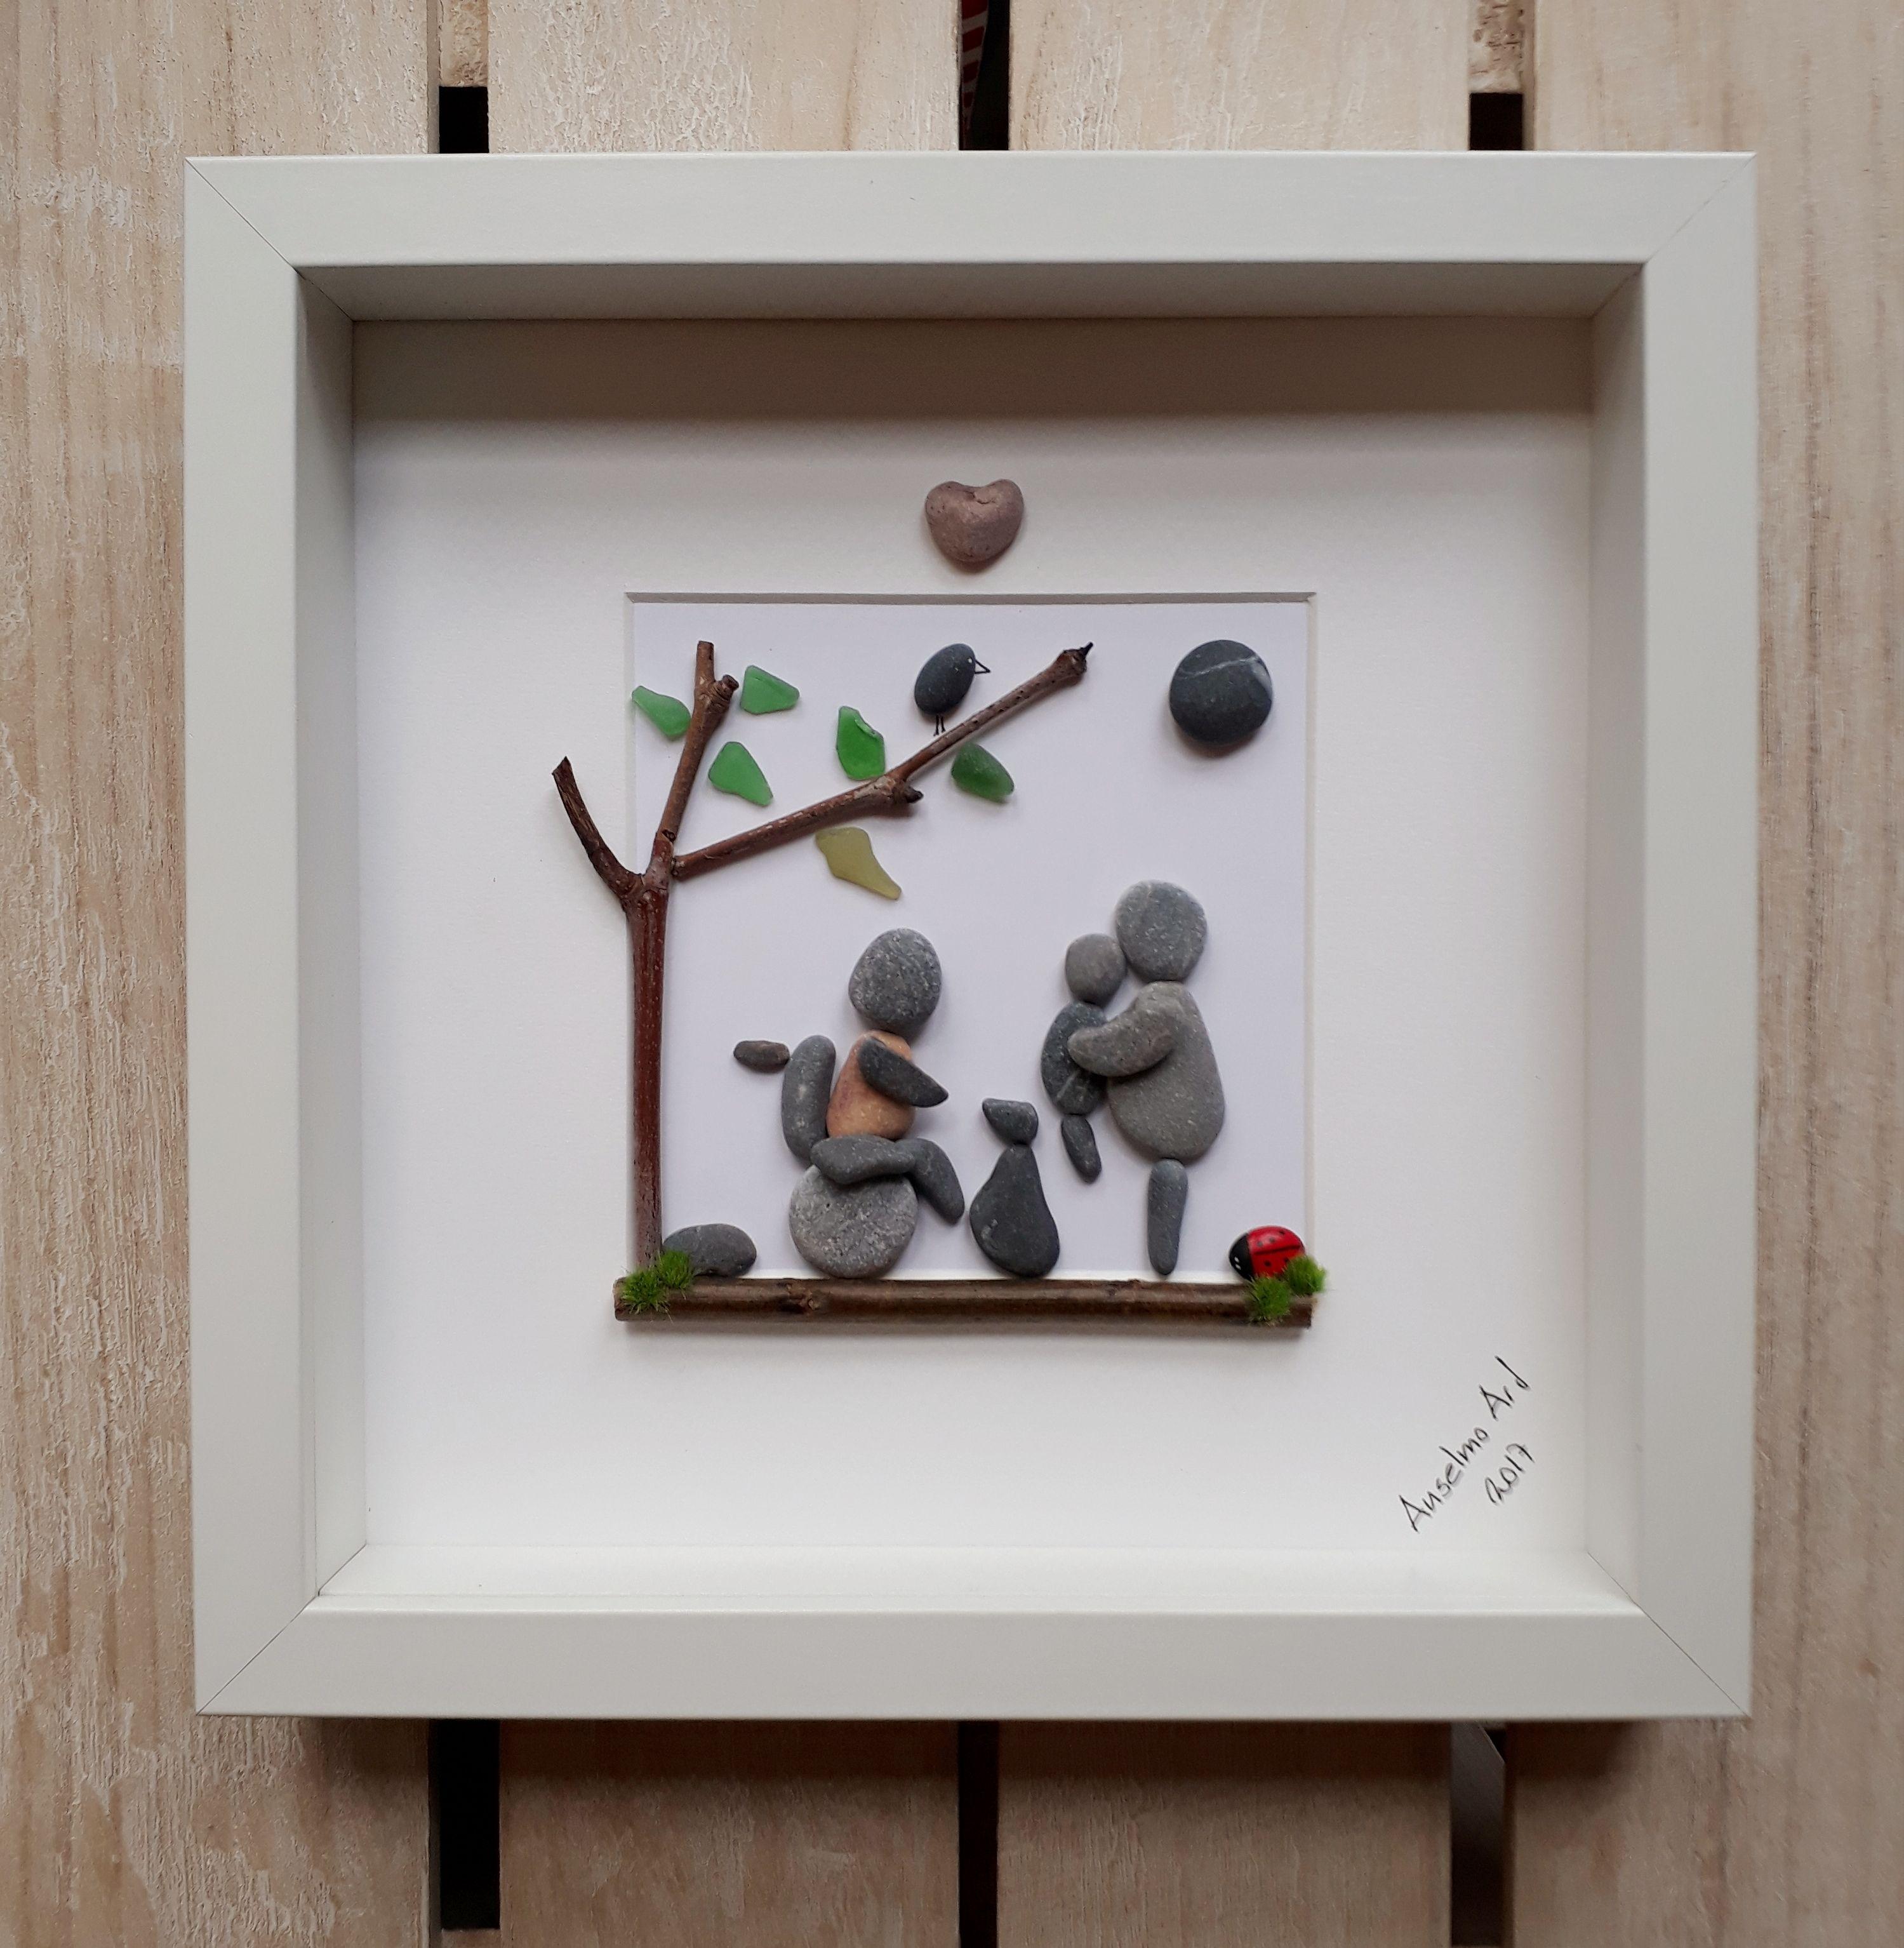 Family Love Pebblepicture Pebbleart Pebble Wheelchair Anselmopebbleart Pebble Art Family Stone Crafts Pebble Art